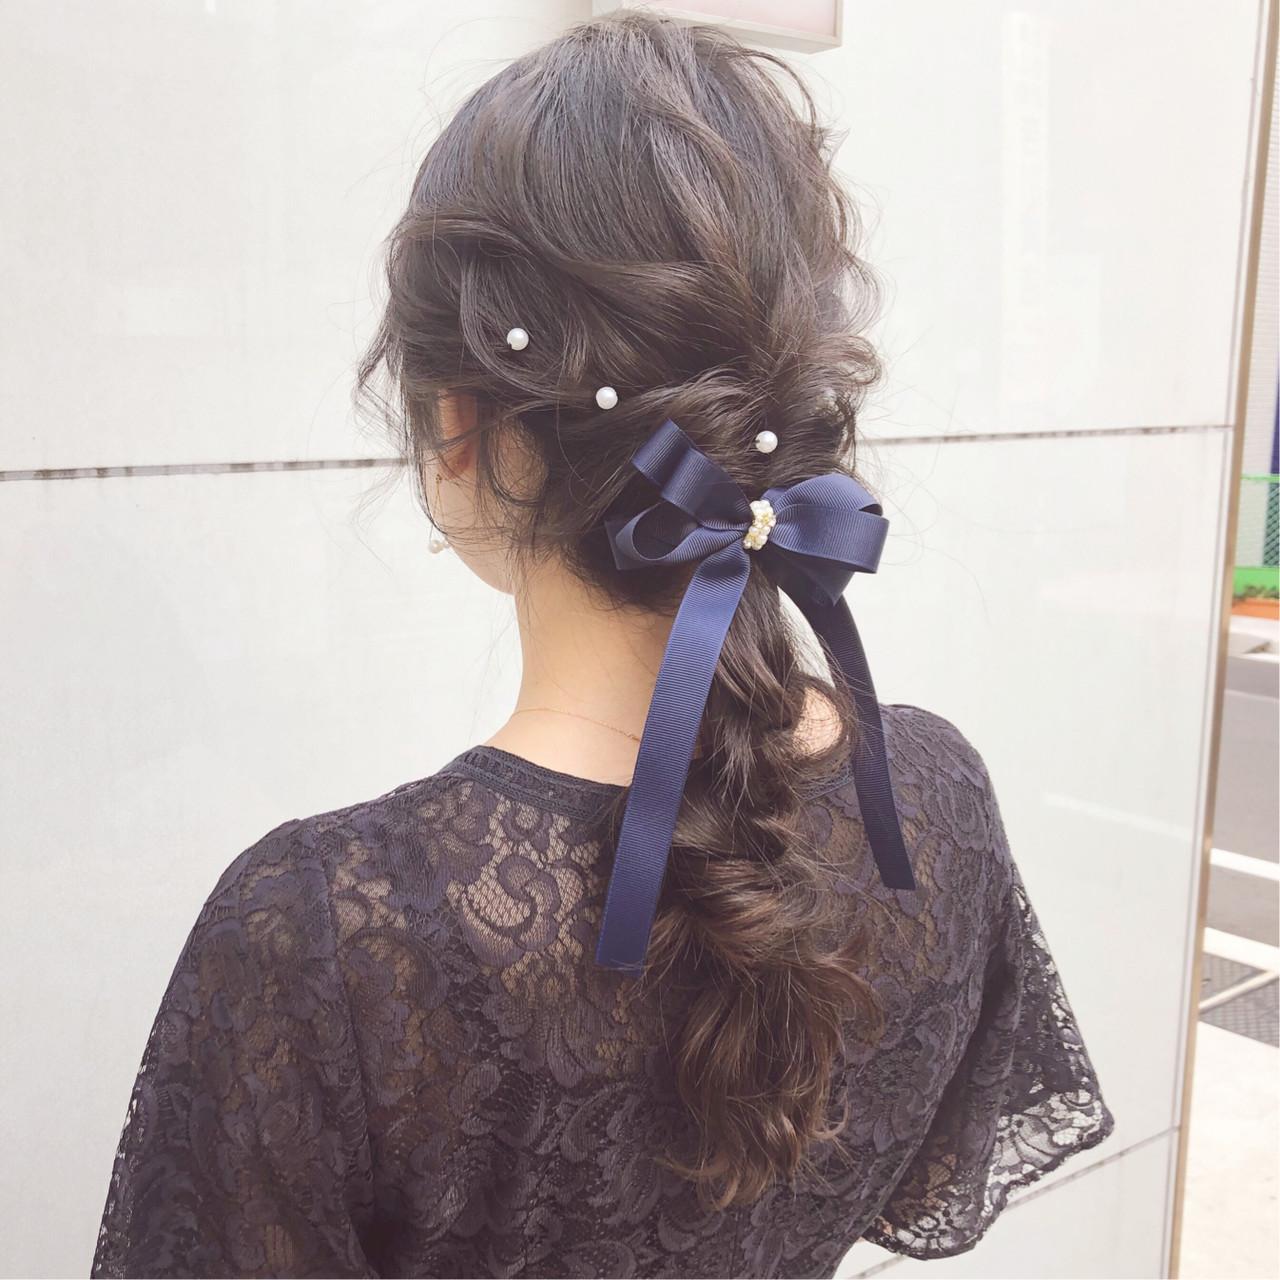 大人かわいい ナチュラル ヘアアレンジ デート ヘアスタイルや髪型の写真・画像 | 『ボブ美容師』永田邦彦 表参道 / send by HAIR